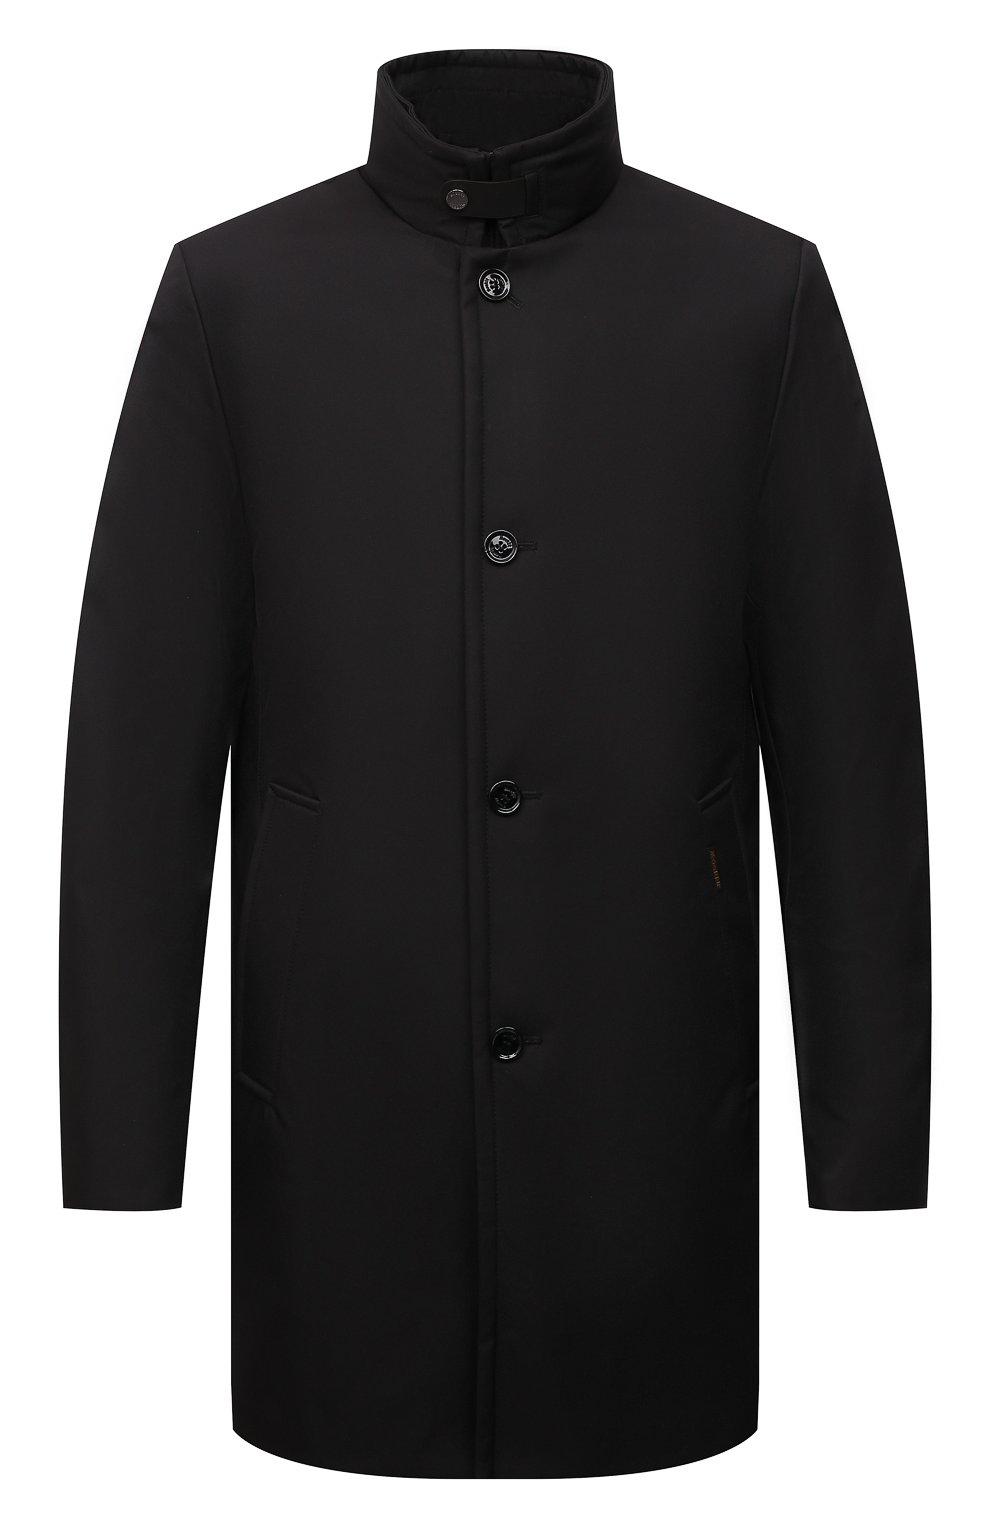 Мужская пуховик bond-wi MOORER черного цвета, арт. B0ND-WI/M0UGI100130-TEPA227   Фото 1 (Кросс-КТ: Куртка; Мужское Кросс-КТ: пуховик-короткий; Рукава: Длинные; Длина (верхняя одежда): До середины бедра; Материал внешний: Синтетический материал; Стили: Классический; Материал подклада: Синтетический материал; Материал утеплителя: Пух и перо)